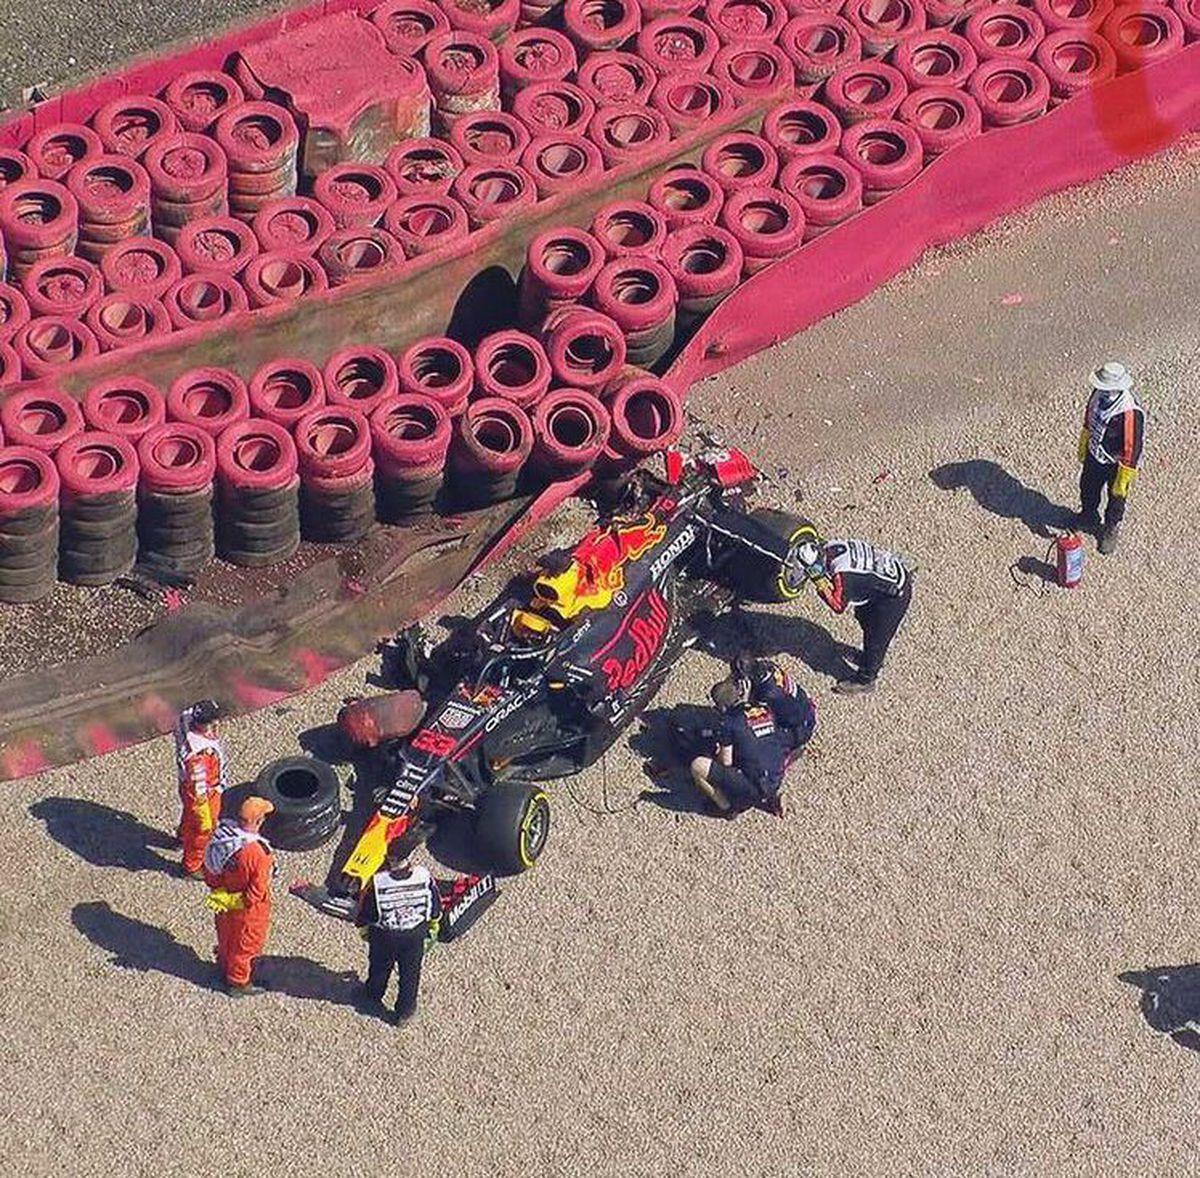 Gran Bretaña F1 GP: Verstappen sufre un duro golpe  deporte